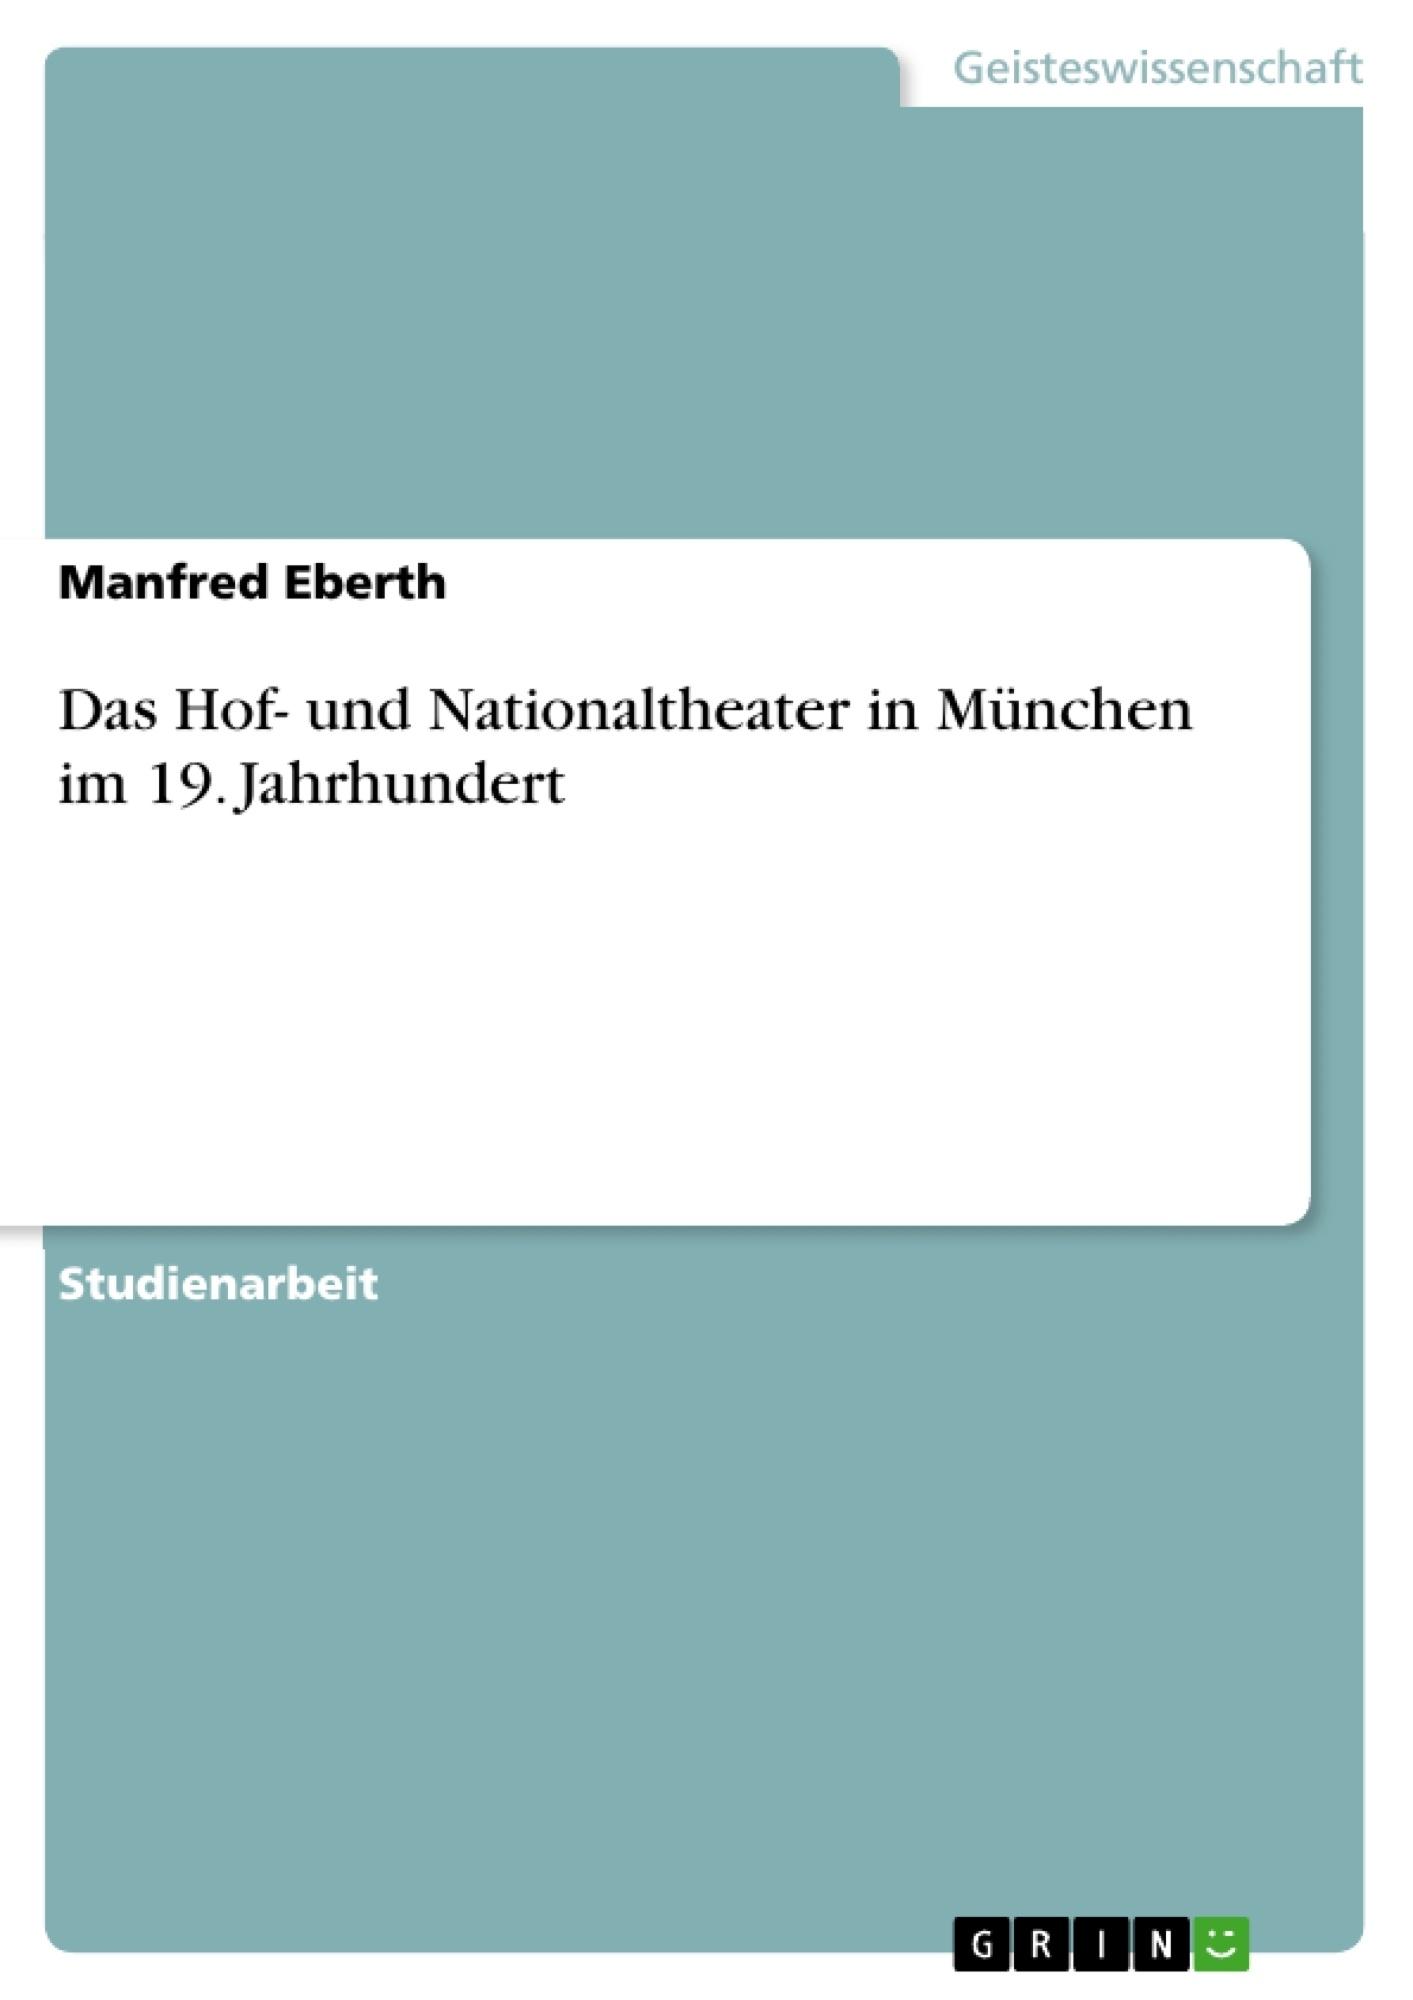 Titel: Das Hof- und Nationaltheater in München im 19. Jahrhundert